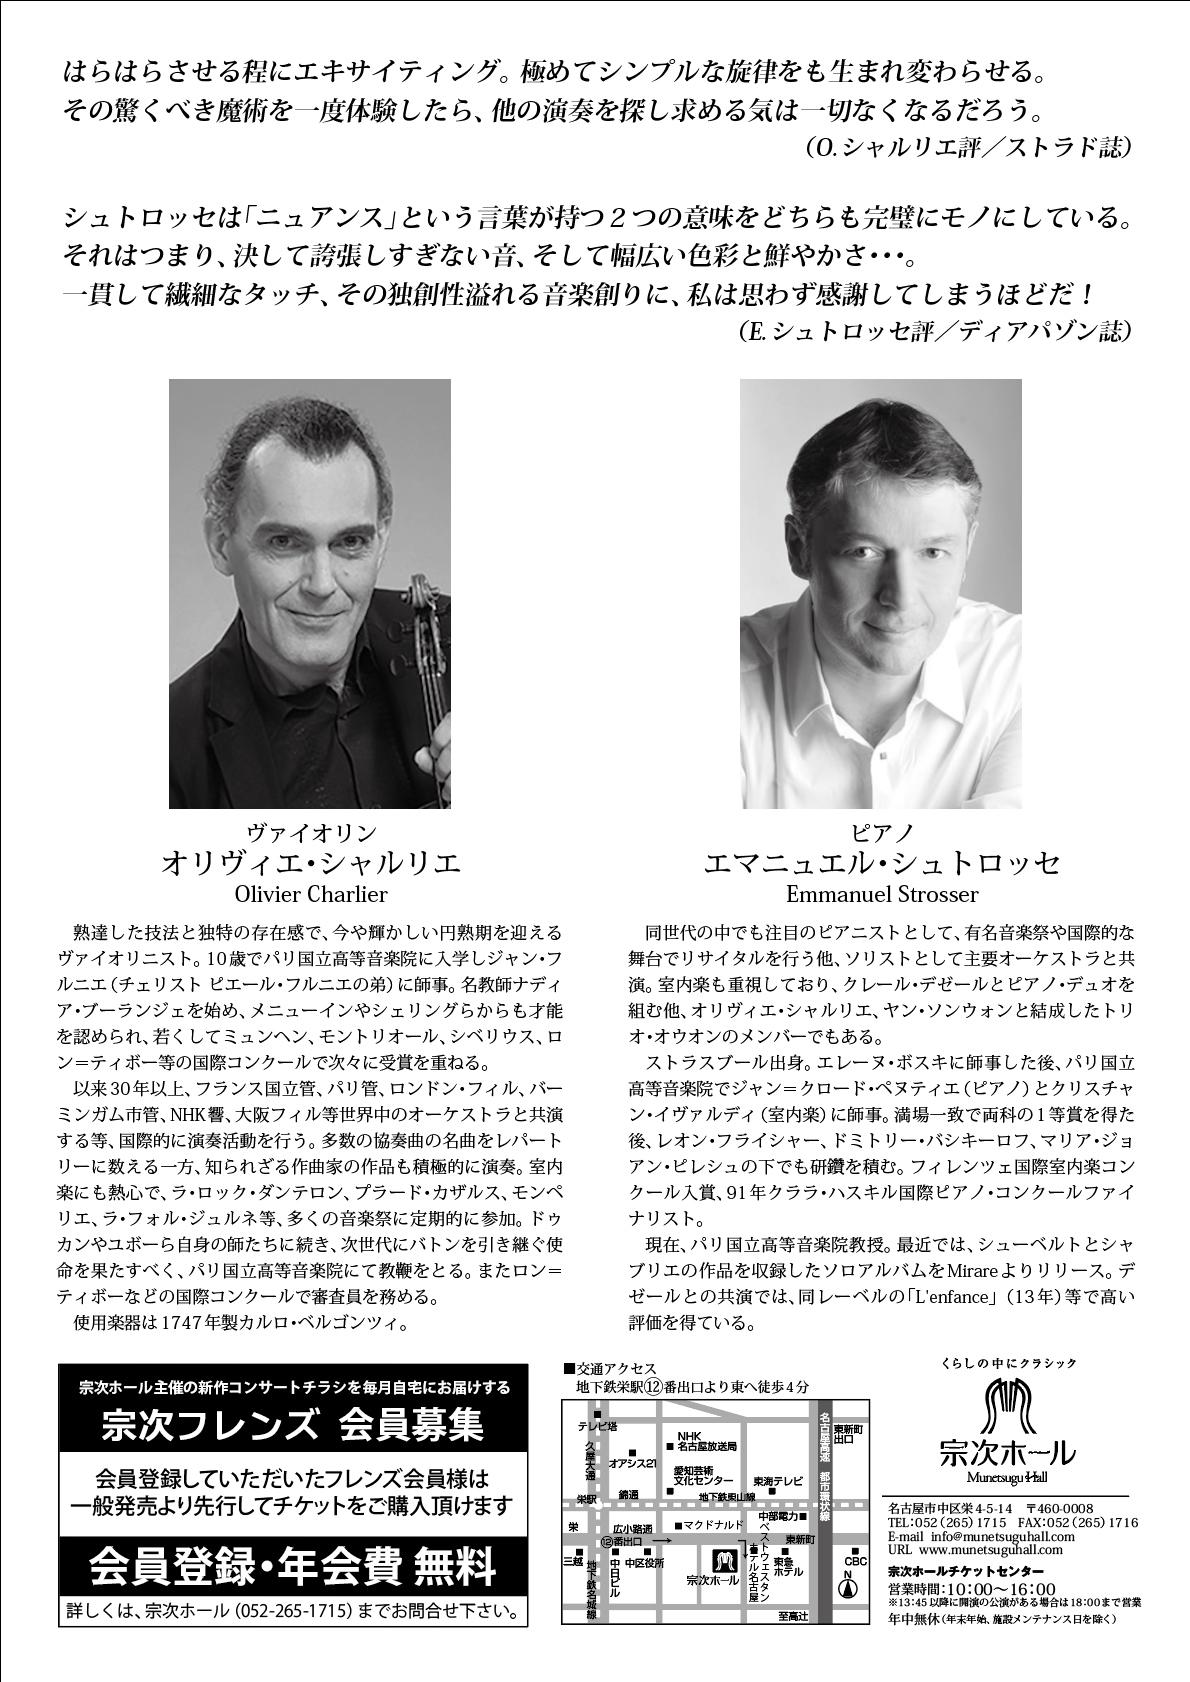 シャルリエ&シュトロッセ(裏)